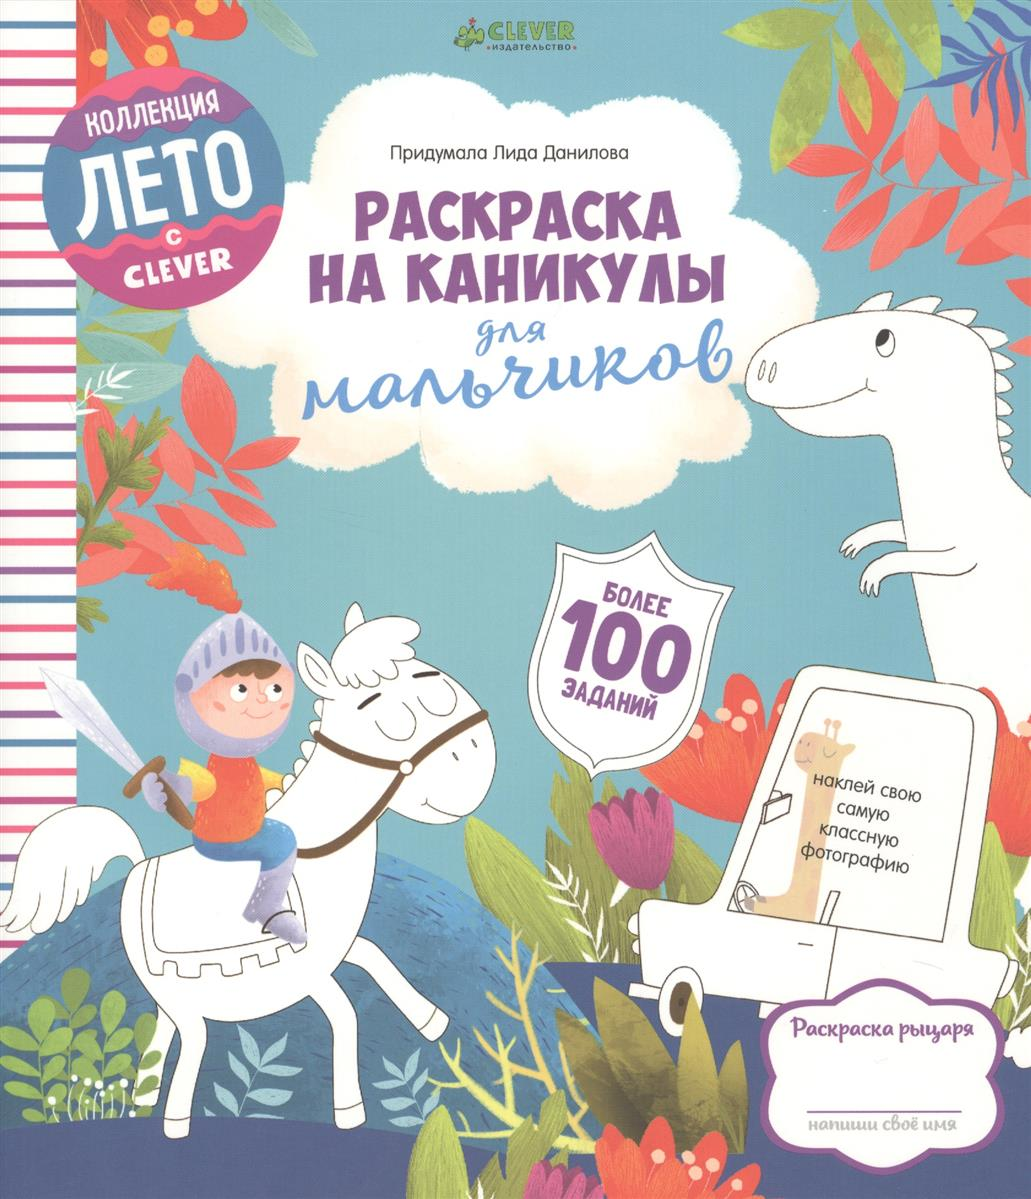 Данилова Л. Раскраска на каникулы для мальчиков. Более 100 заданий данилова л самая лучшая раскраска для мальчиков